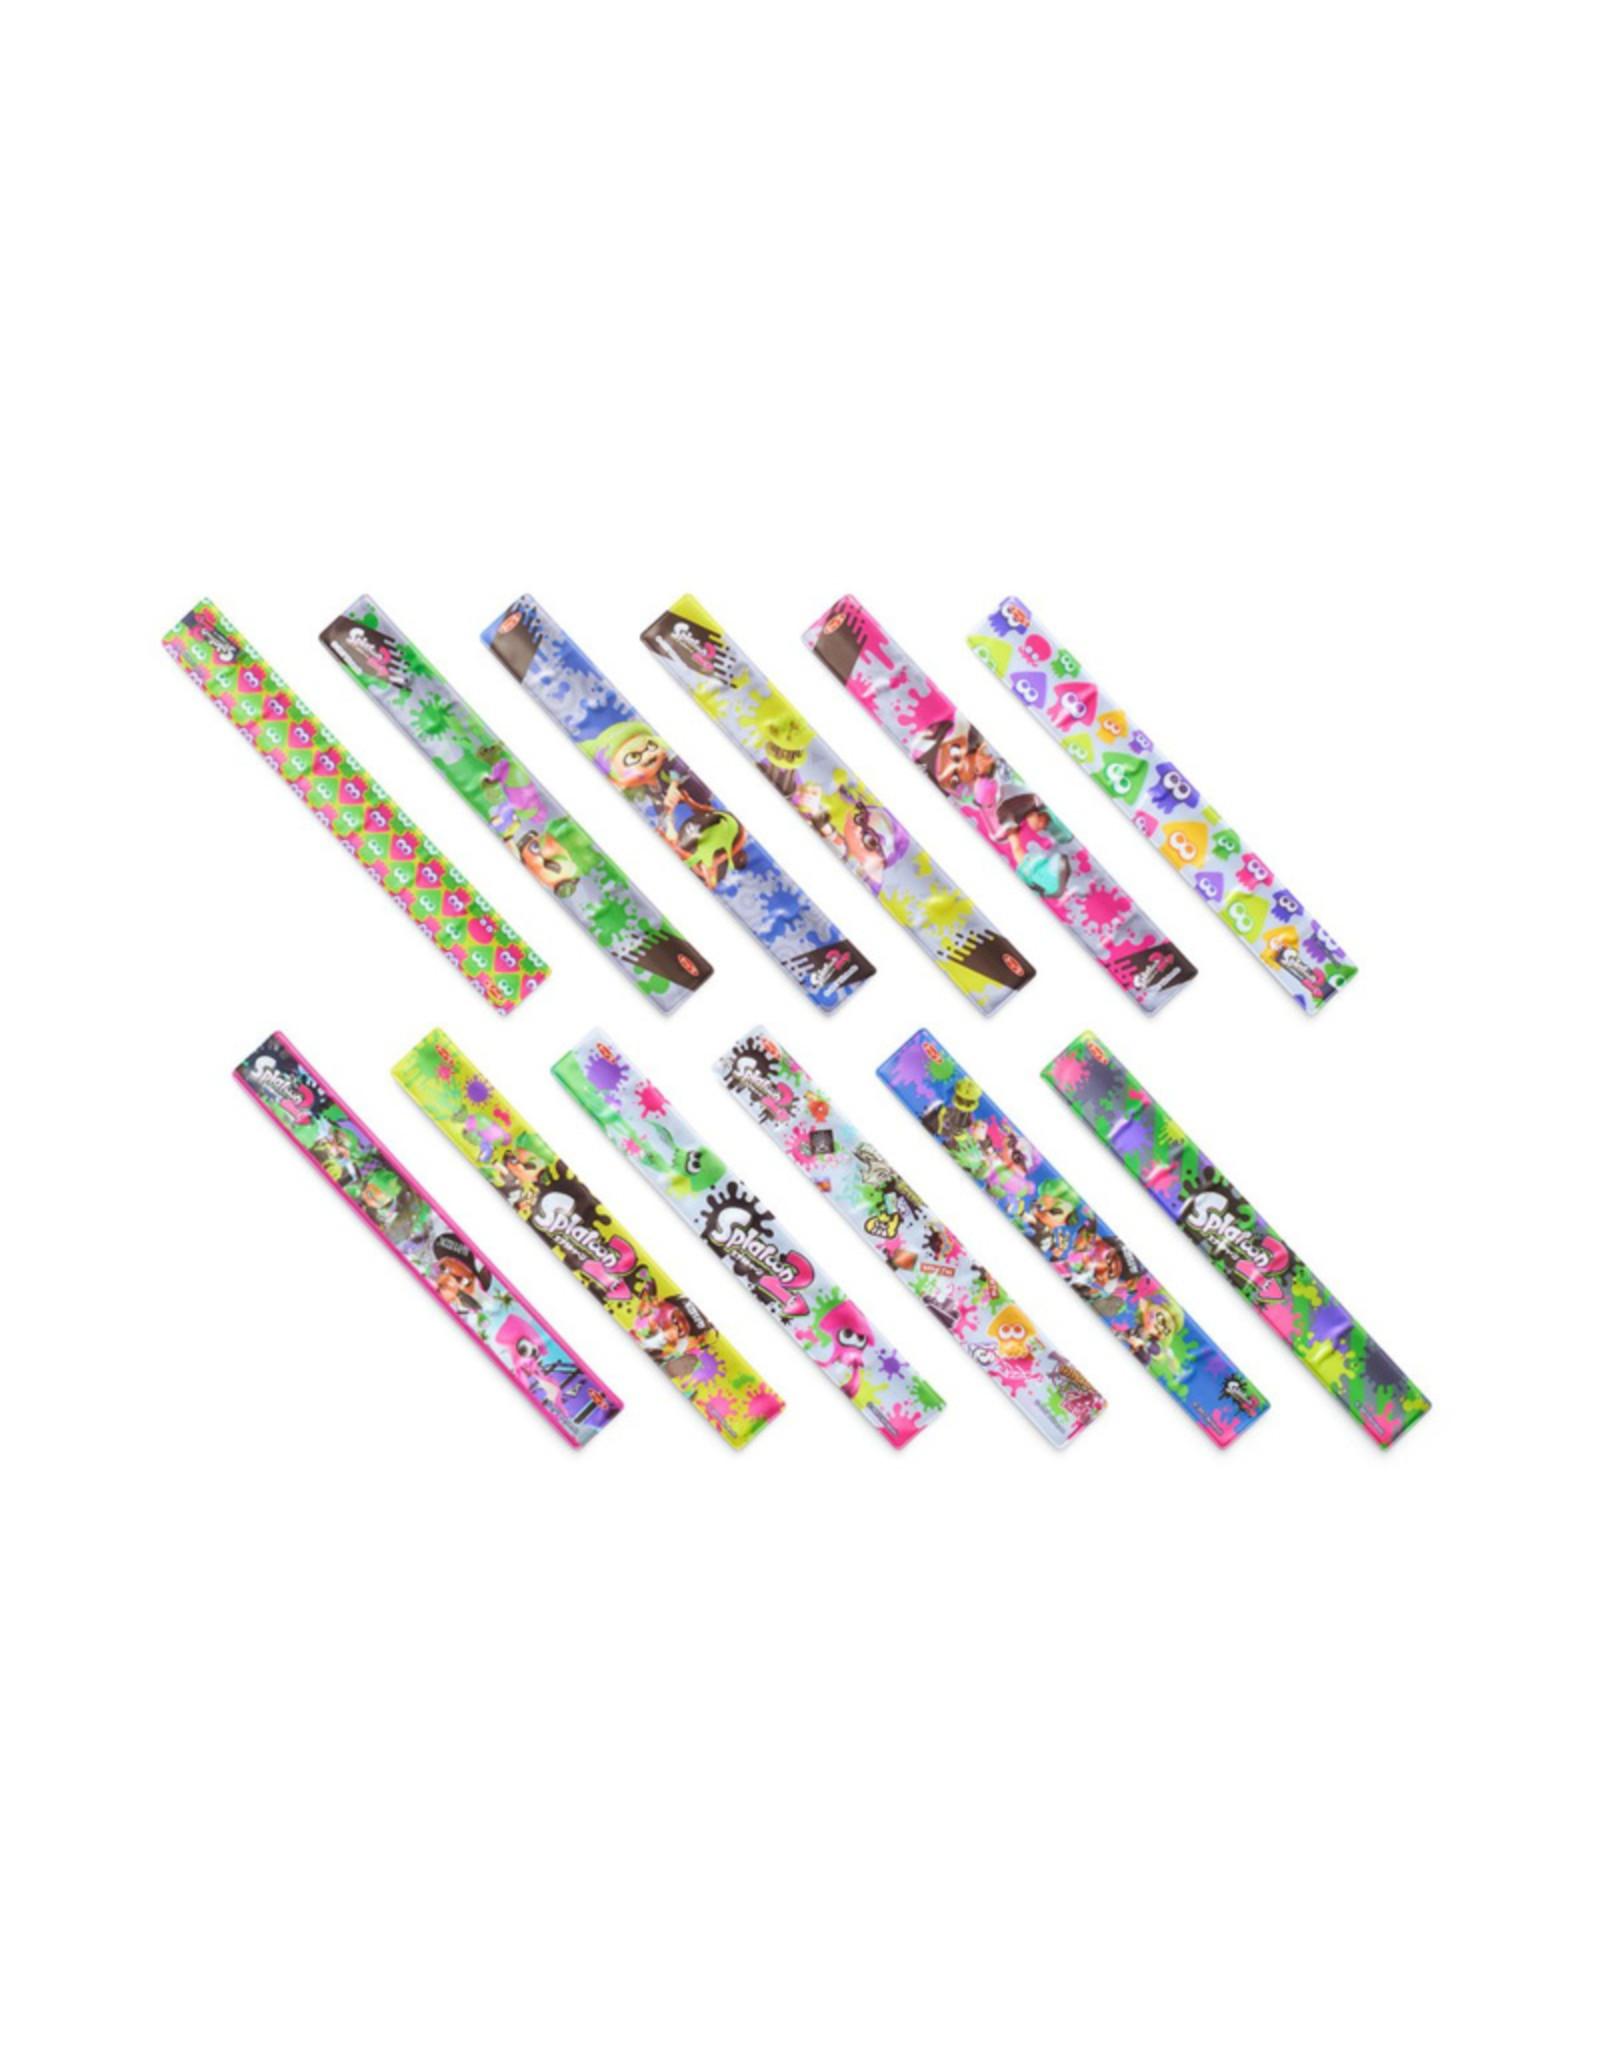 Splatoon 2 Gum + Slap Bracelet